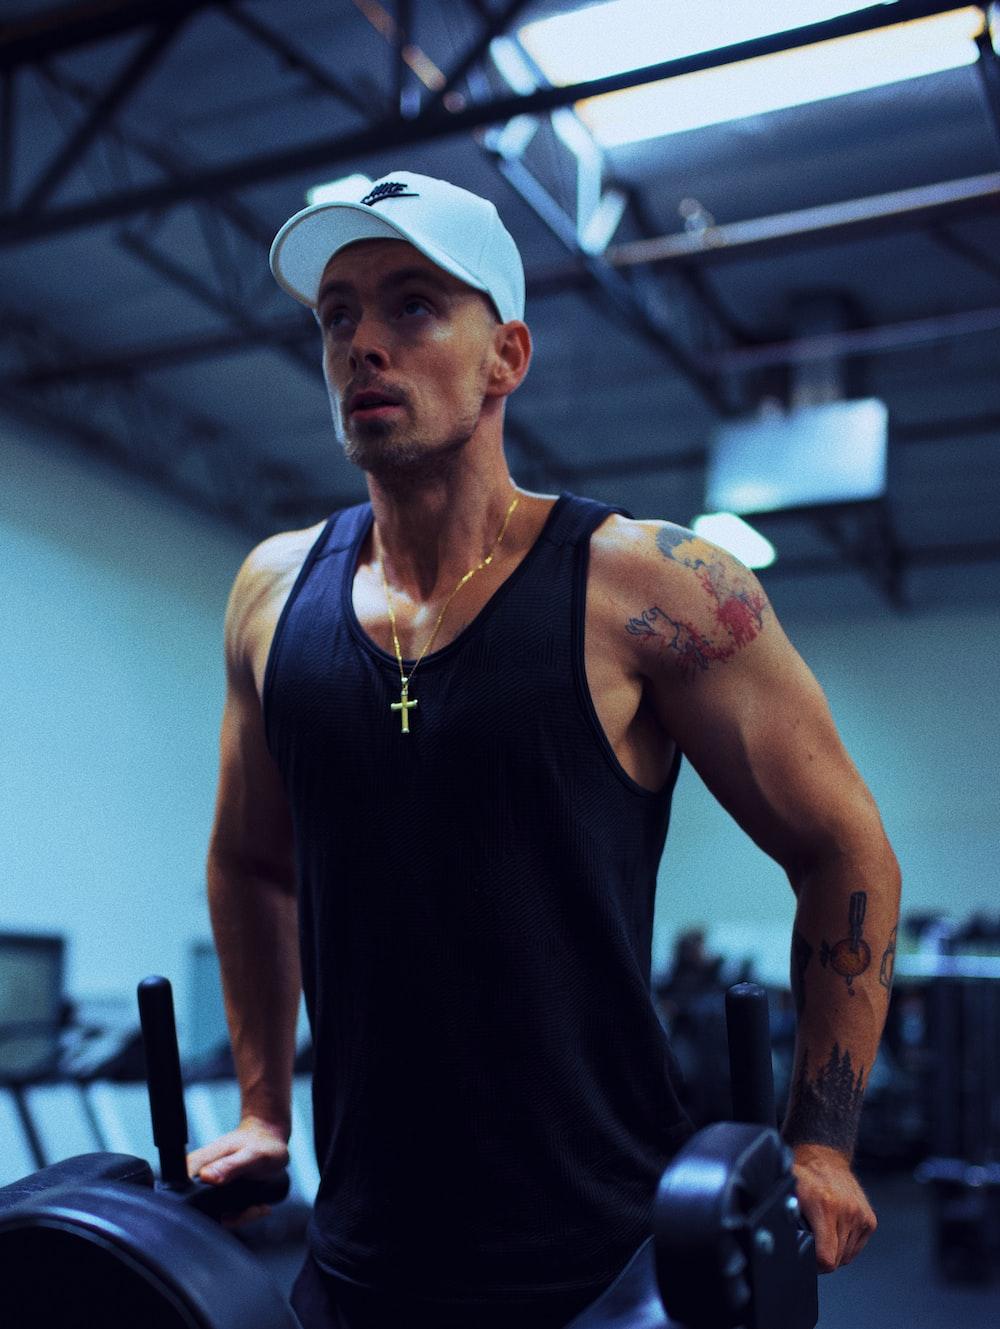 man in black tank top wearing white cap